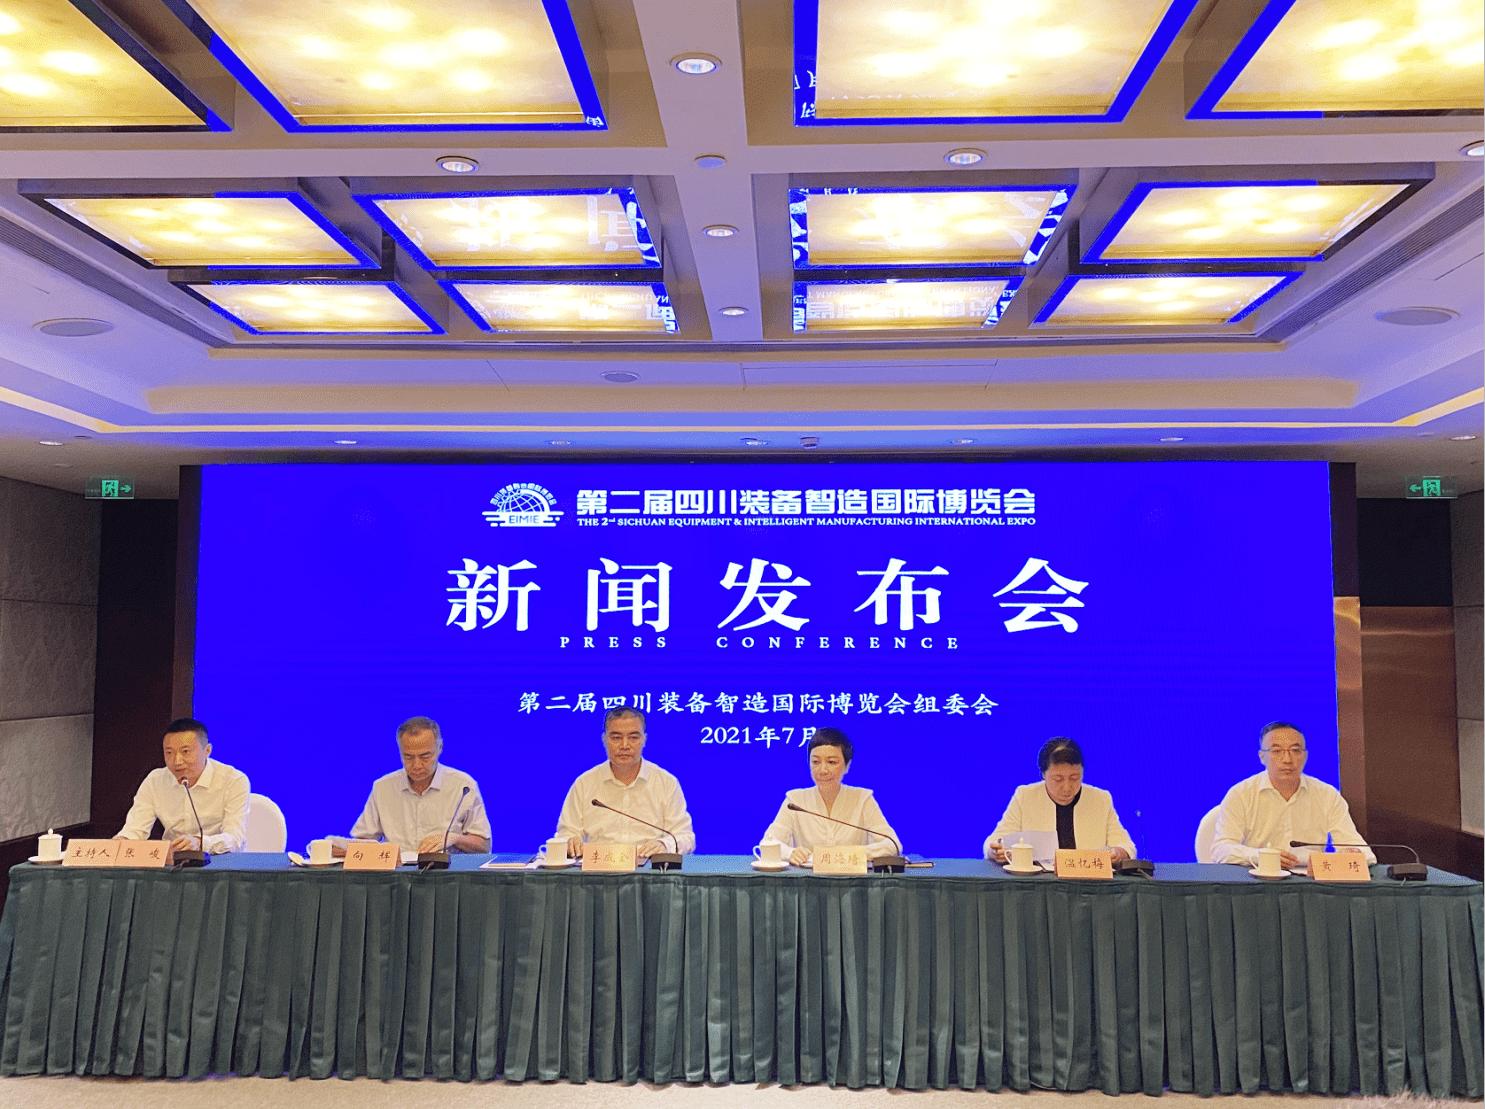 就在月底!第二届四川装备智造国际博览会 在德阳举办